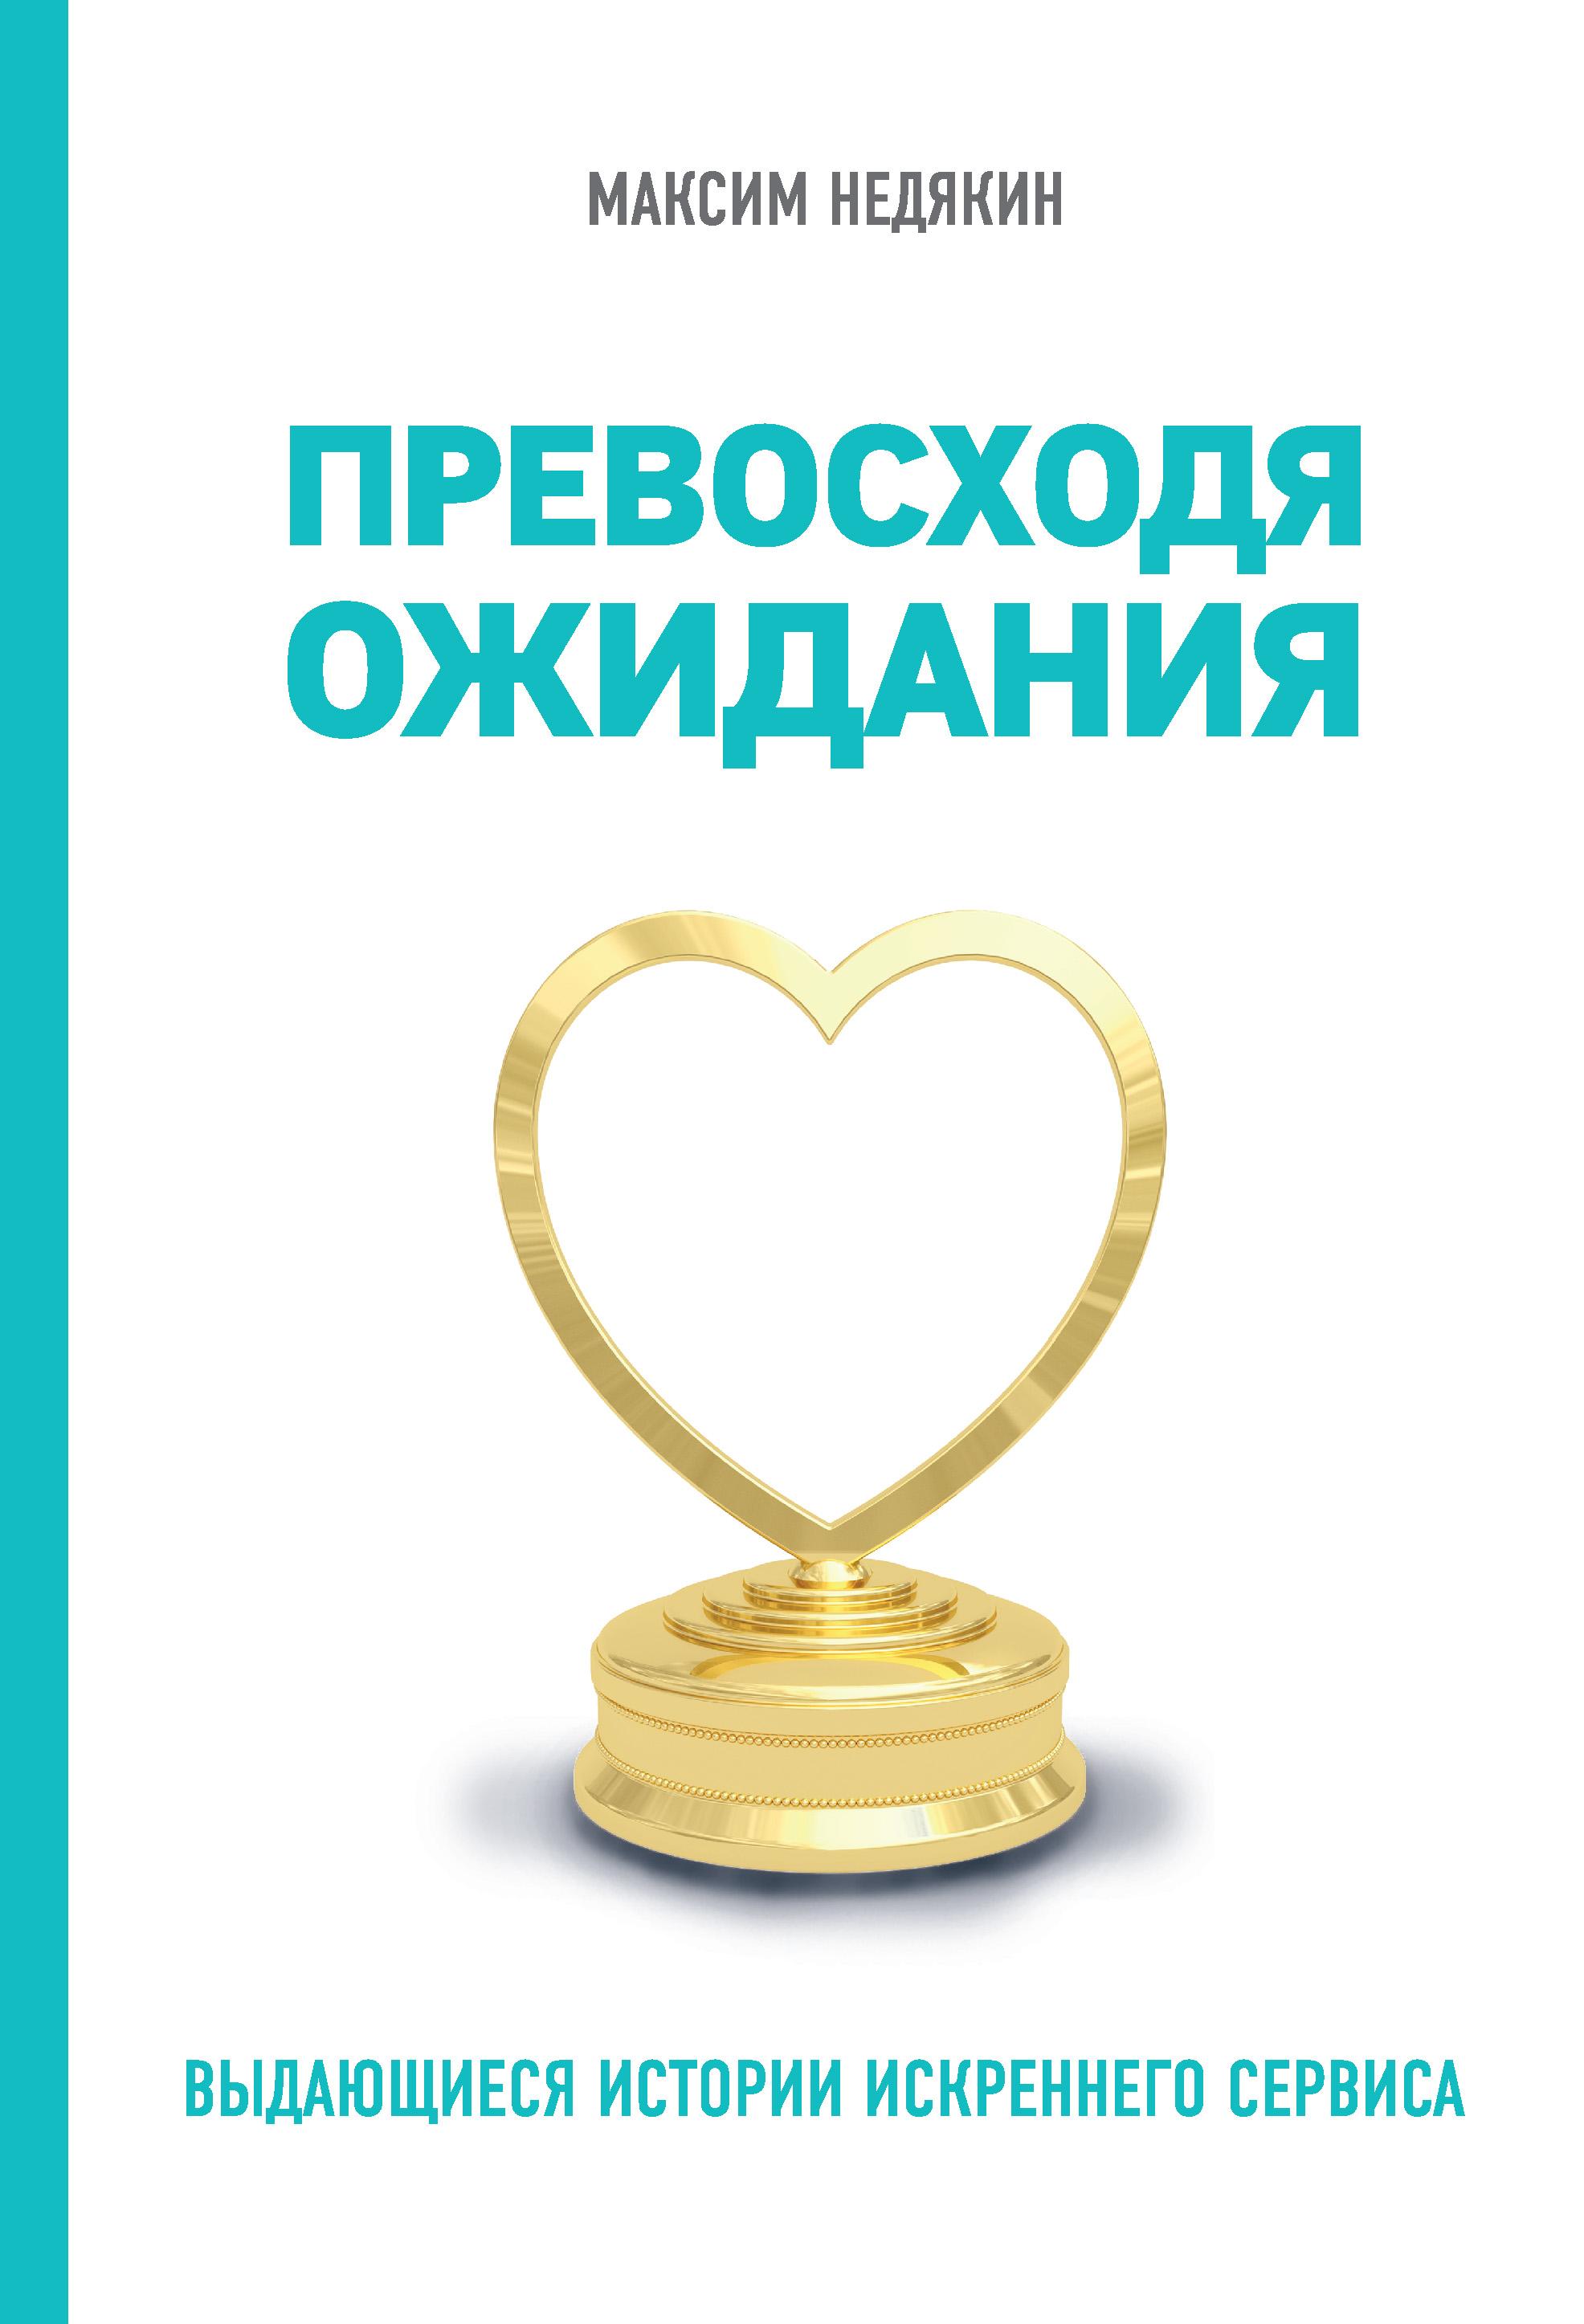 Максим Недякин Превосходя ожидания. Выдающиеся истории искреннего сервиса